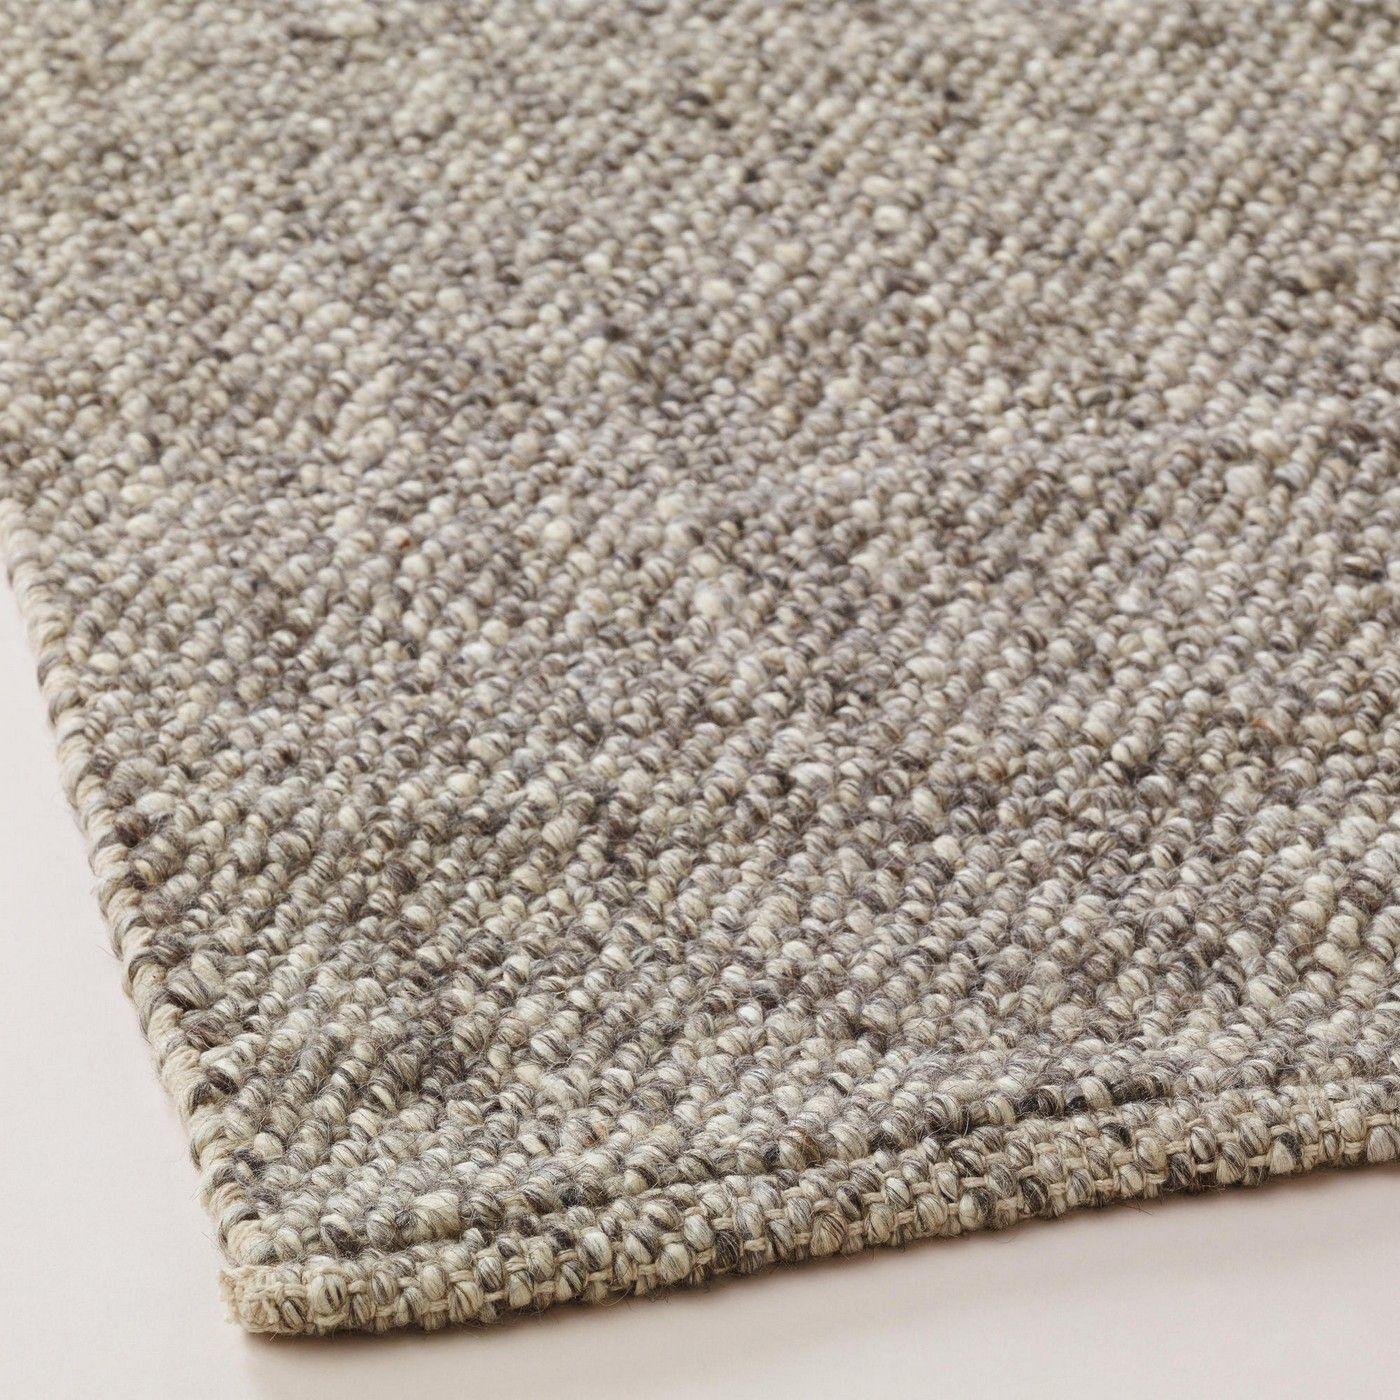 Rugs, Greige Rug: Greige Area Rug | Area rugs, Rugs ...